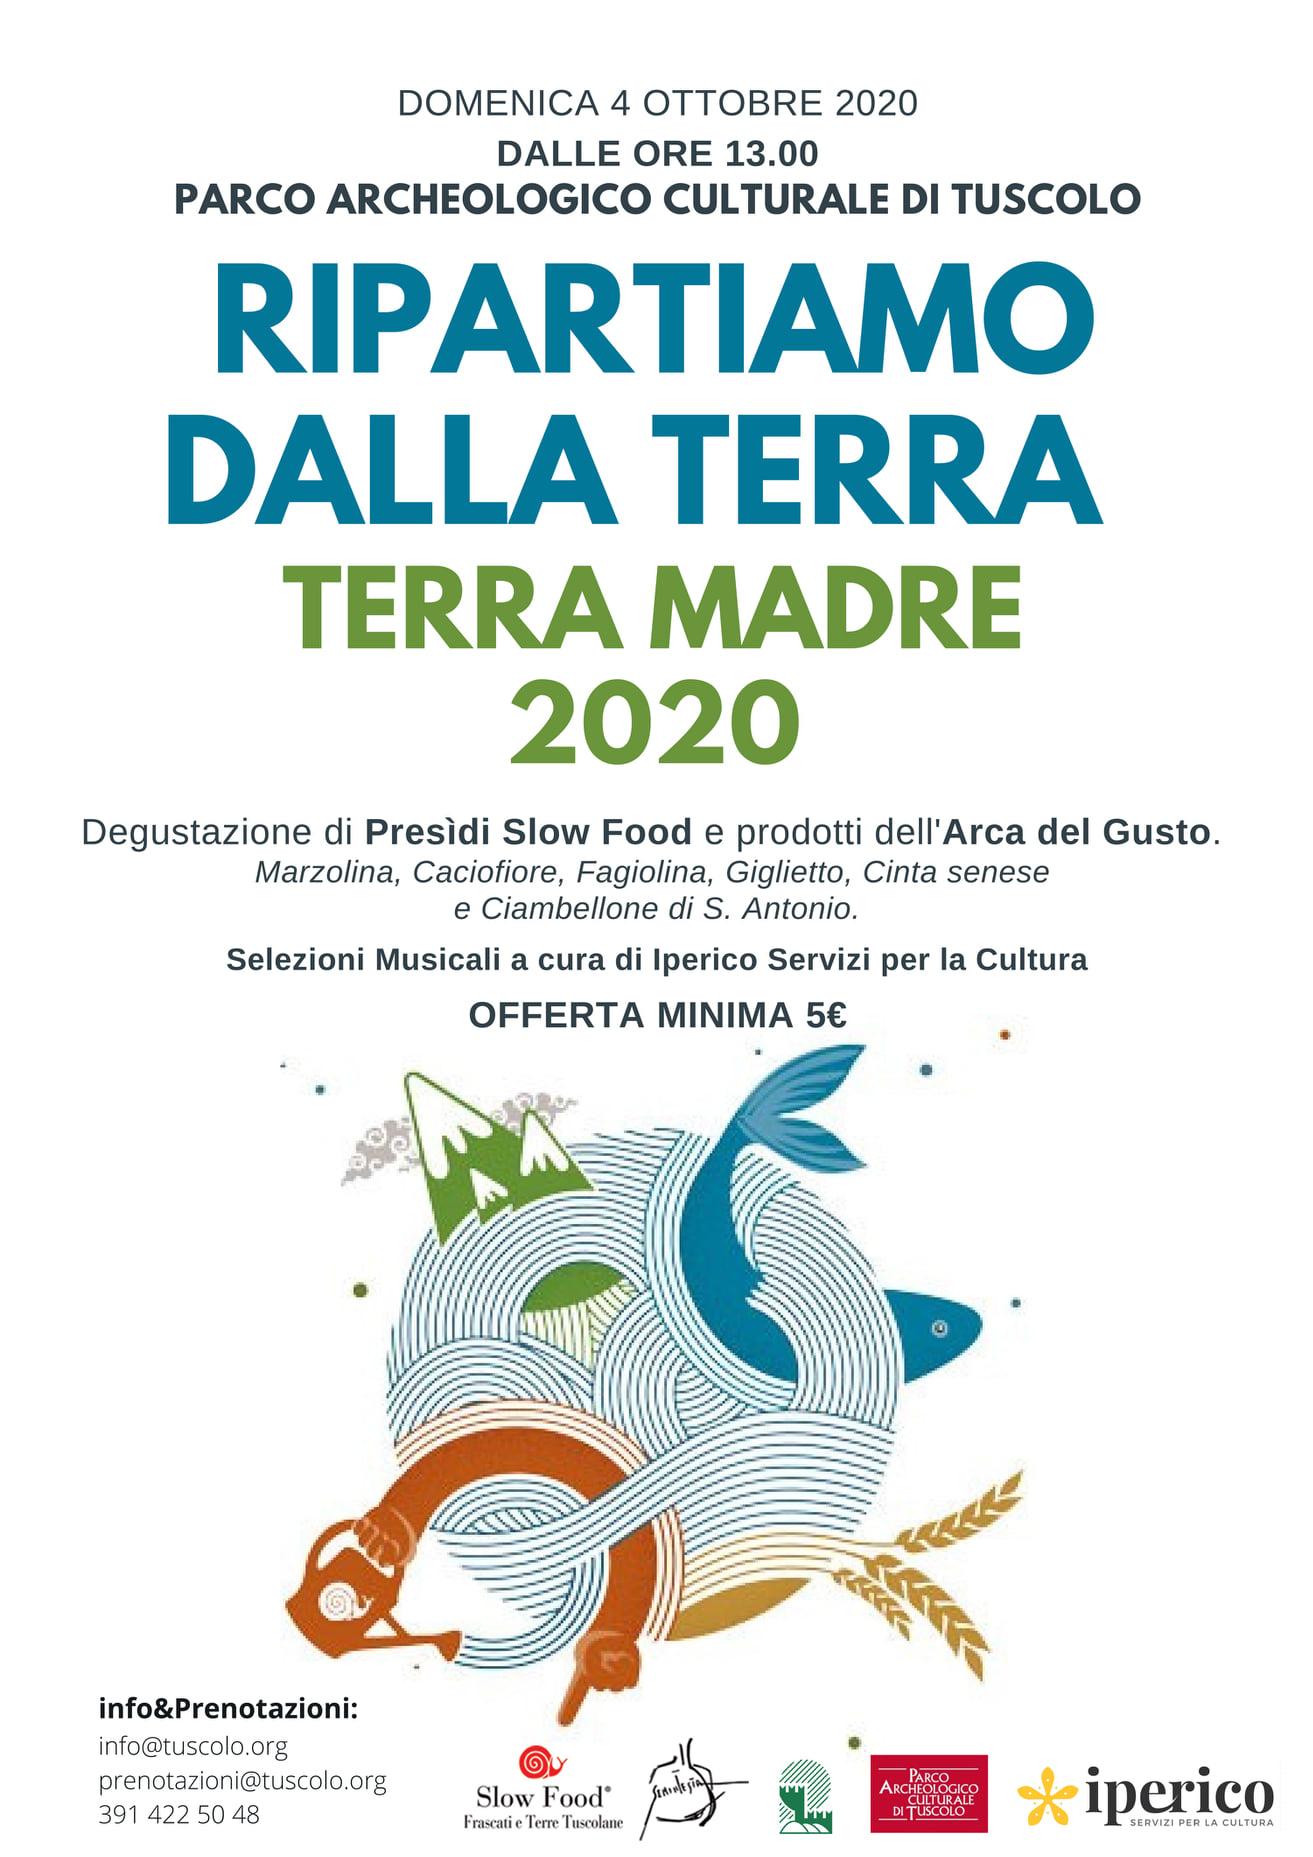 RIPARTIAMO DALLA TERRA - TERRA 2020